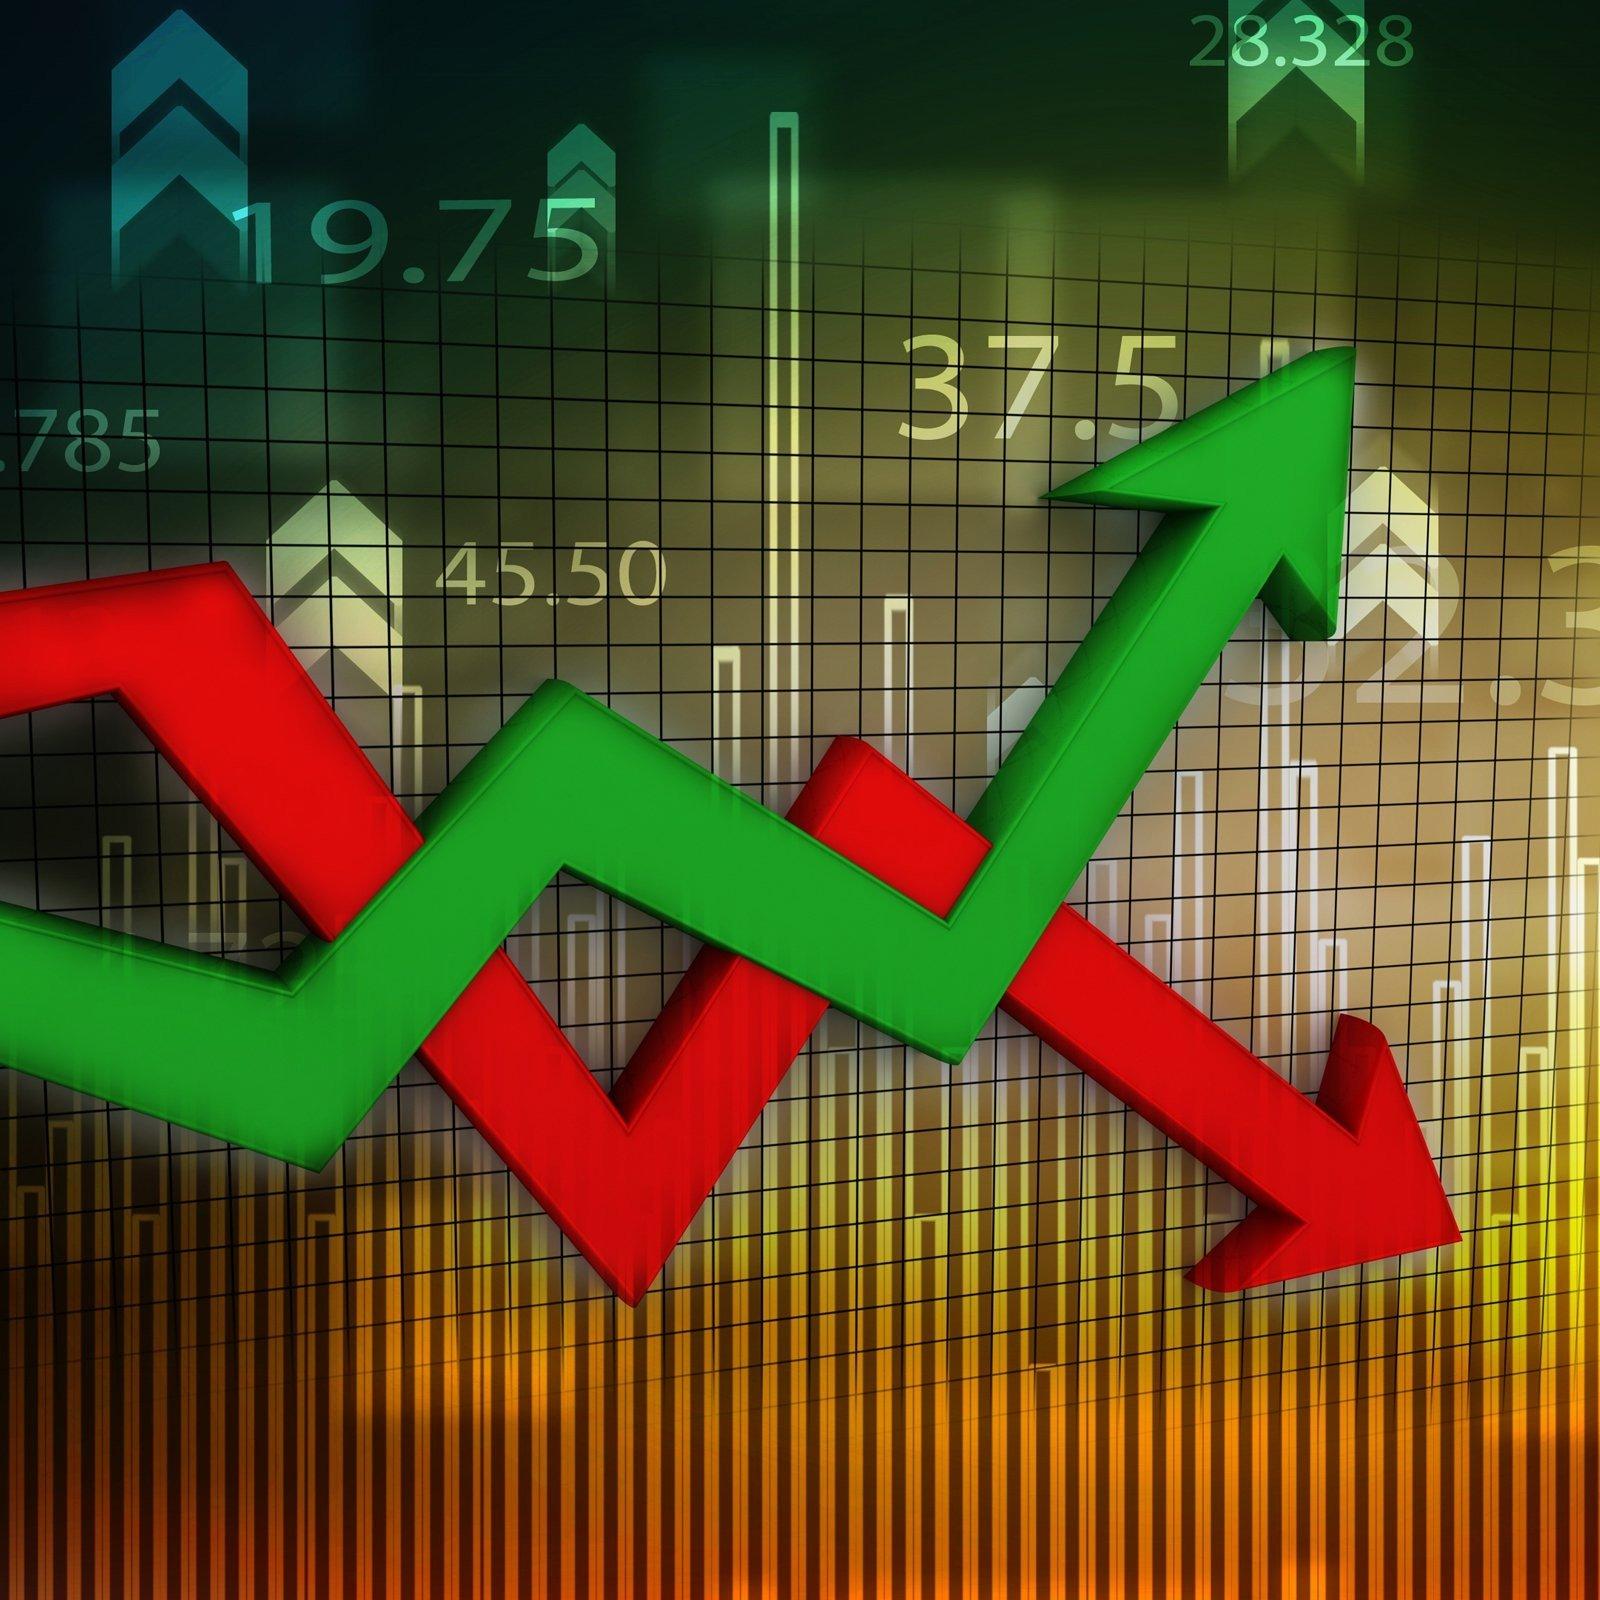 ЗампредЦБ разъяснил волатильность цен напродукты для оливье иборща